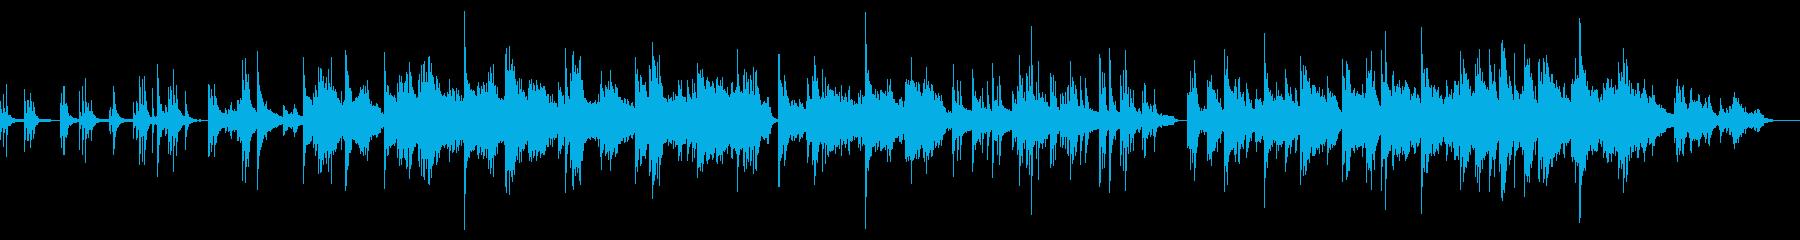 ピアノによるヒーリングミュージックの再生済みの波形